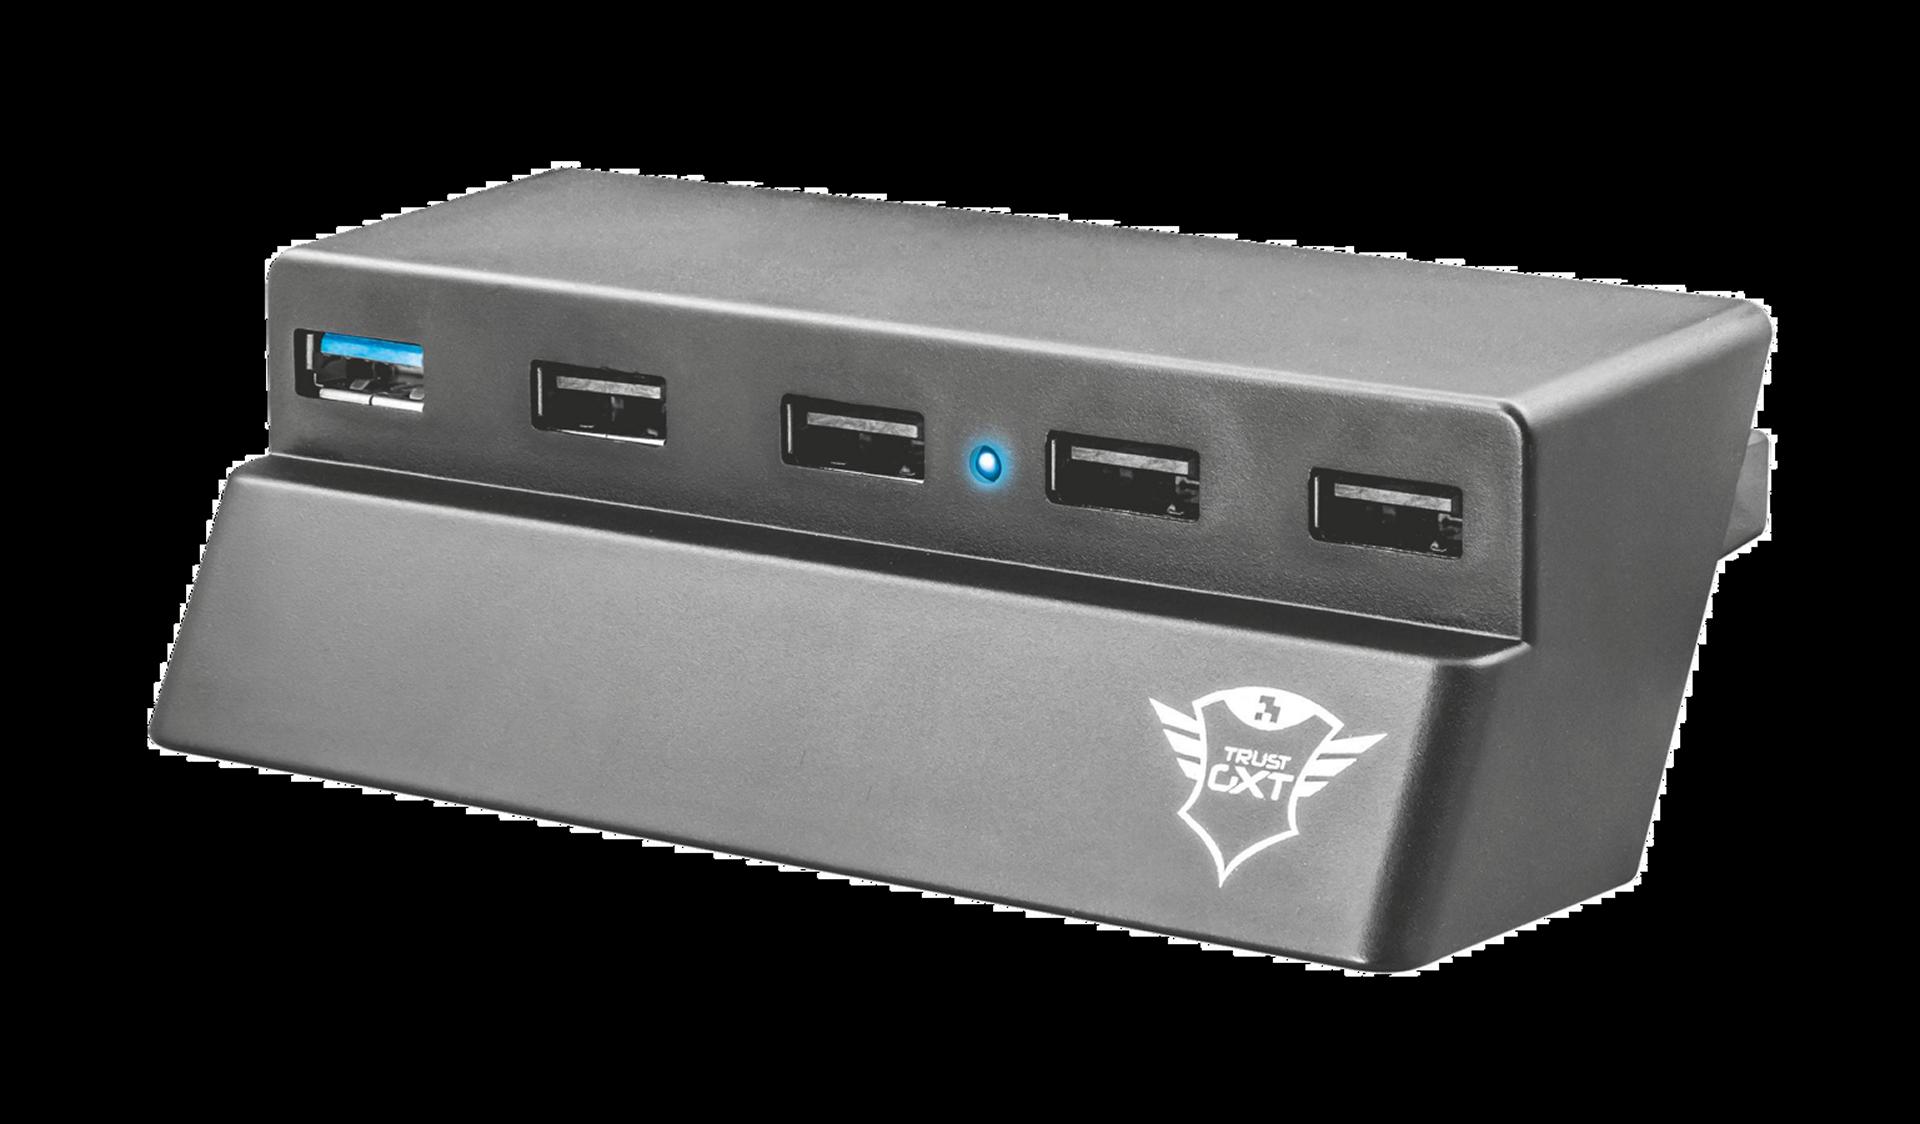 TRUST GXT 219 USB Hub for PS4 Slim